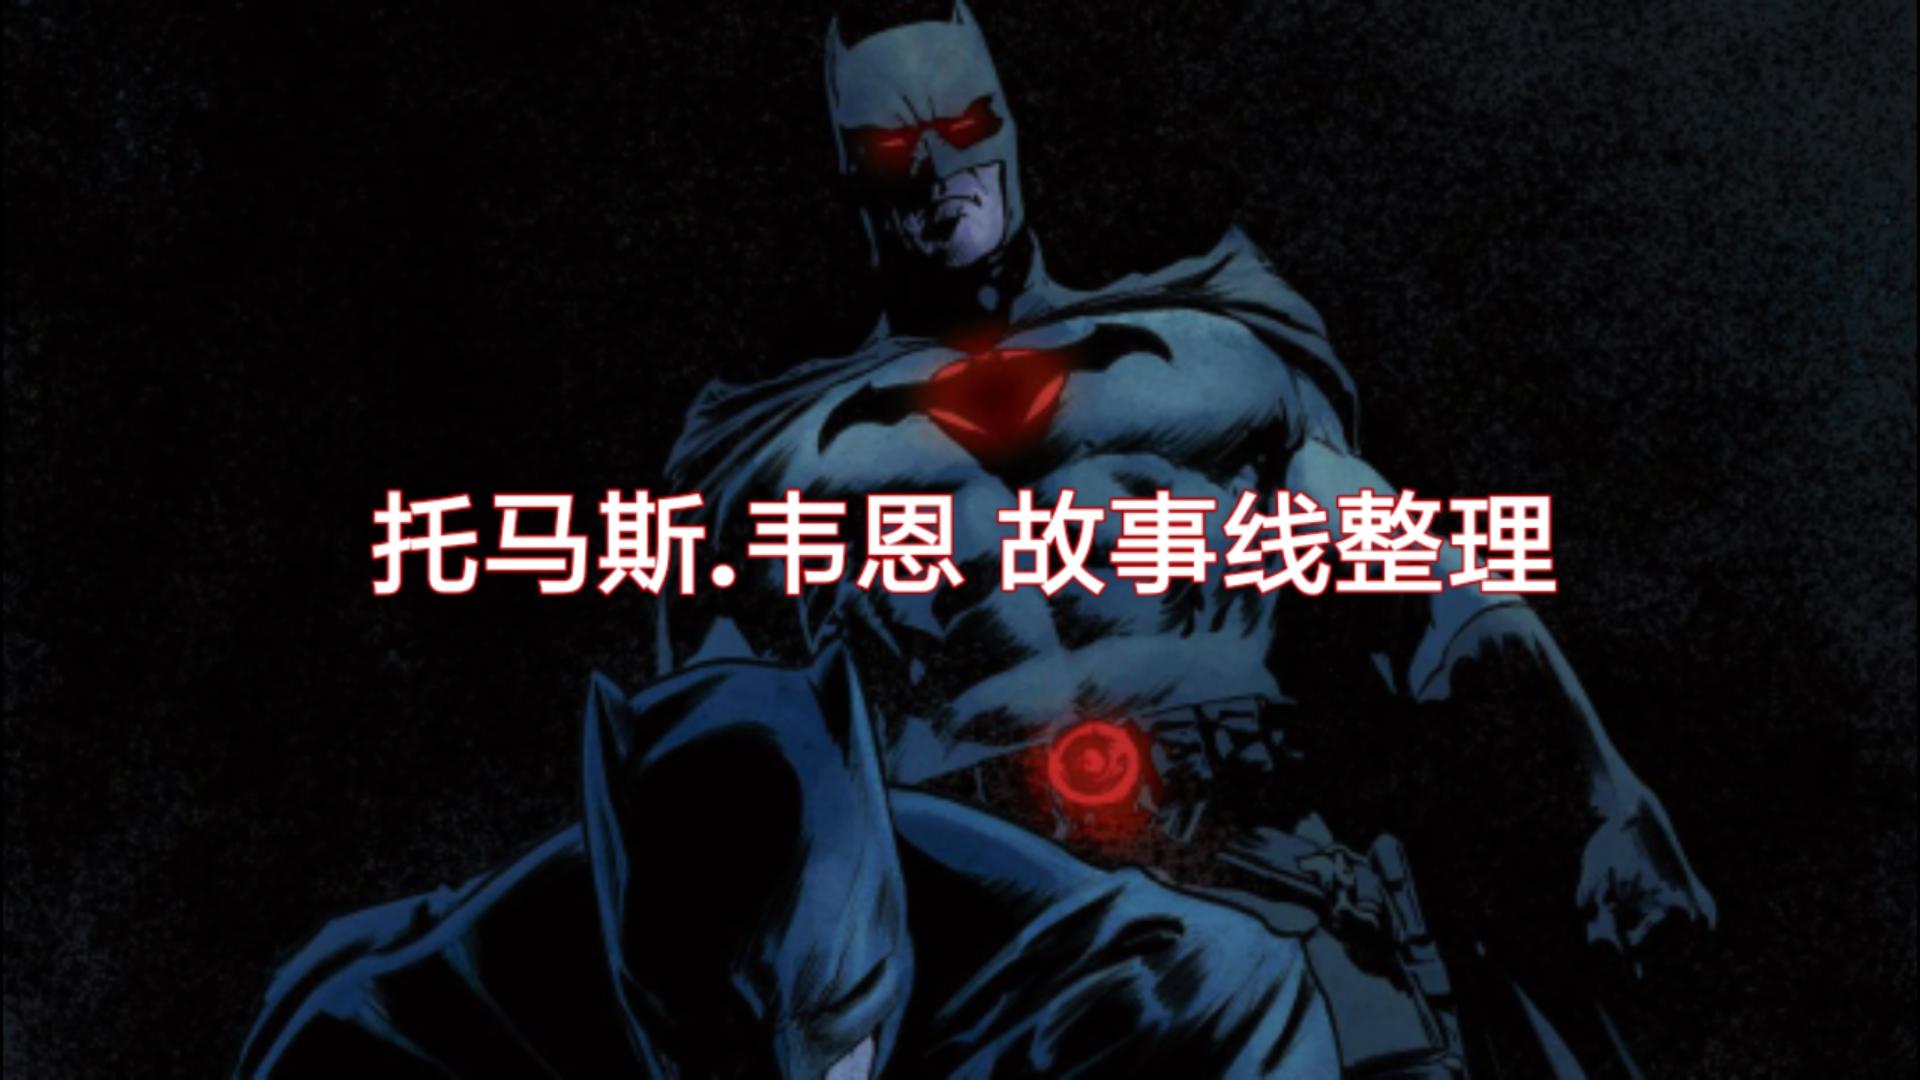 【鲍漫】蝙蝠侠亲爹复活,竟然对儿子做出这种事..